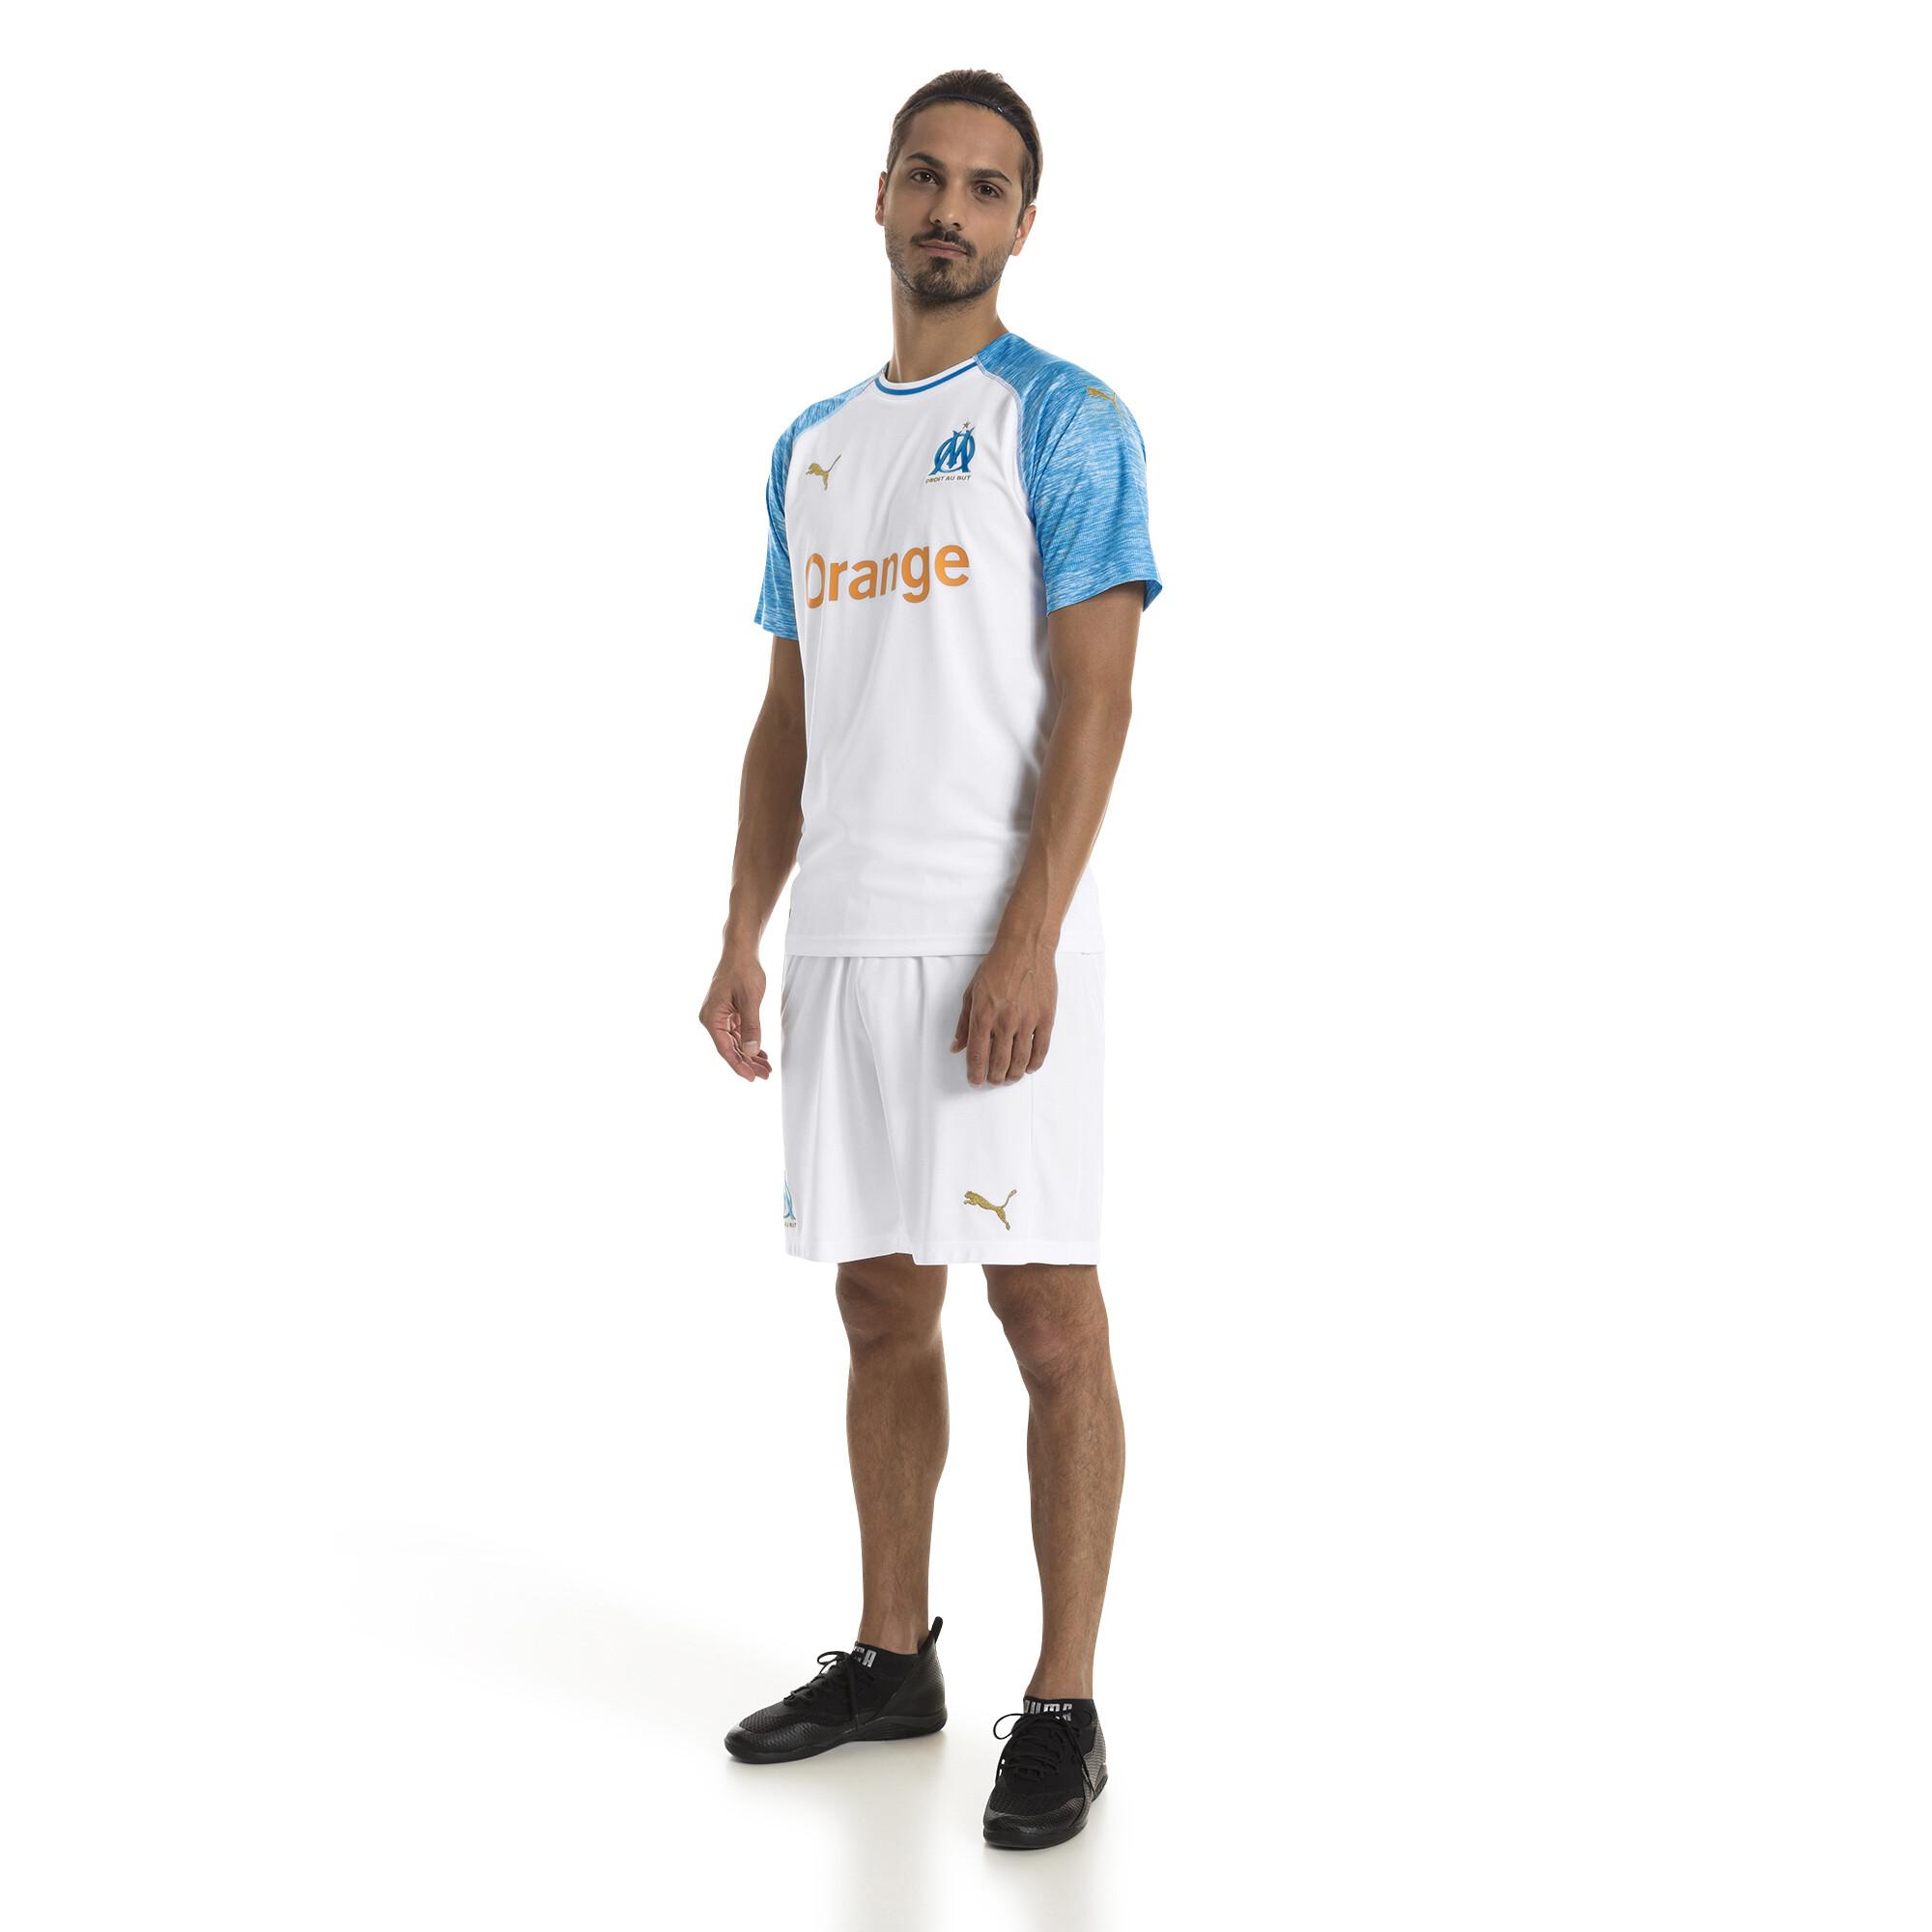 Indexbild 6 - PUMA Olympique de Marseille Herren Replica Heimtrikot Männer Fußballtrikot Neu